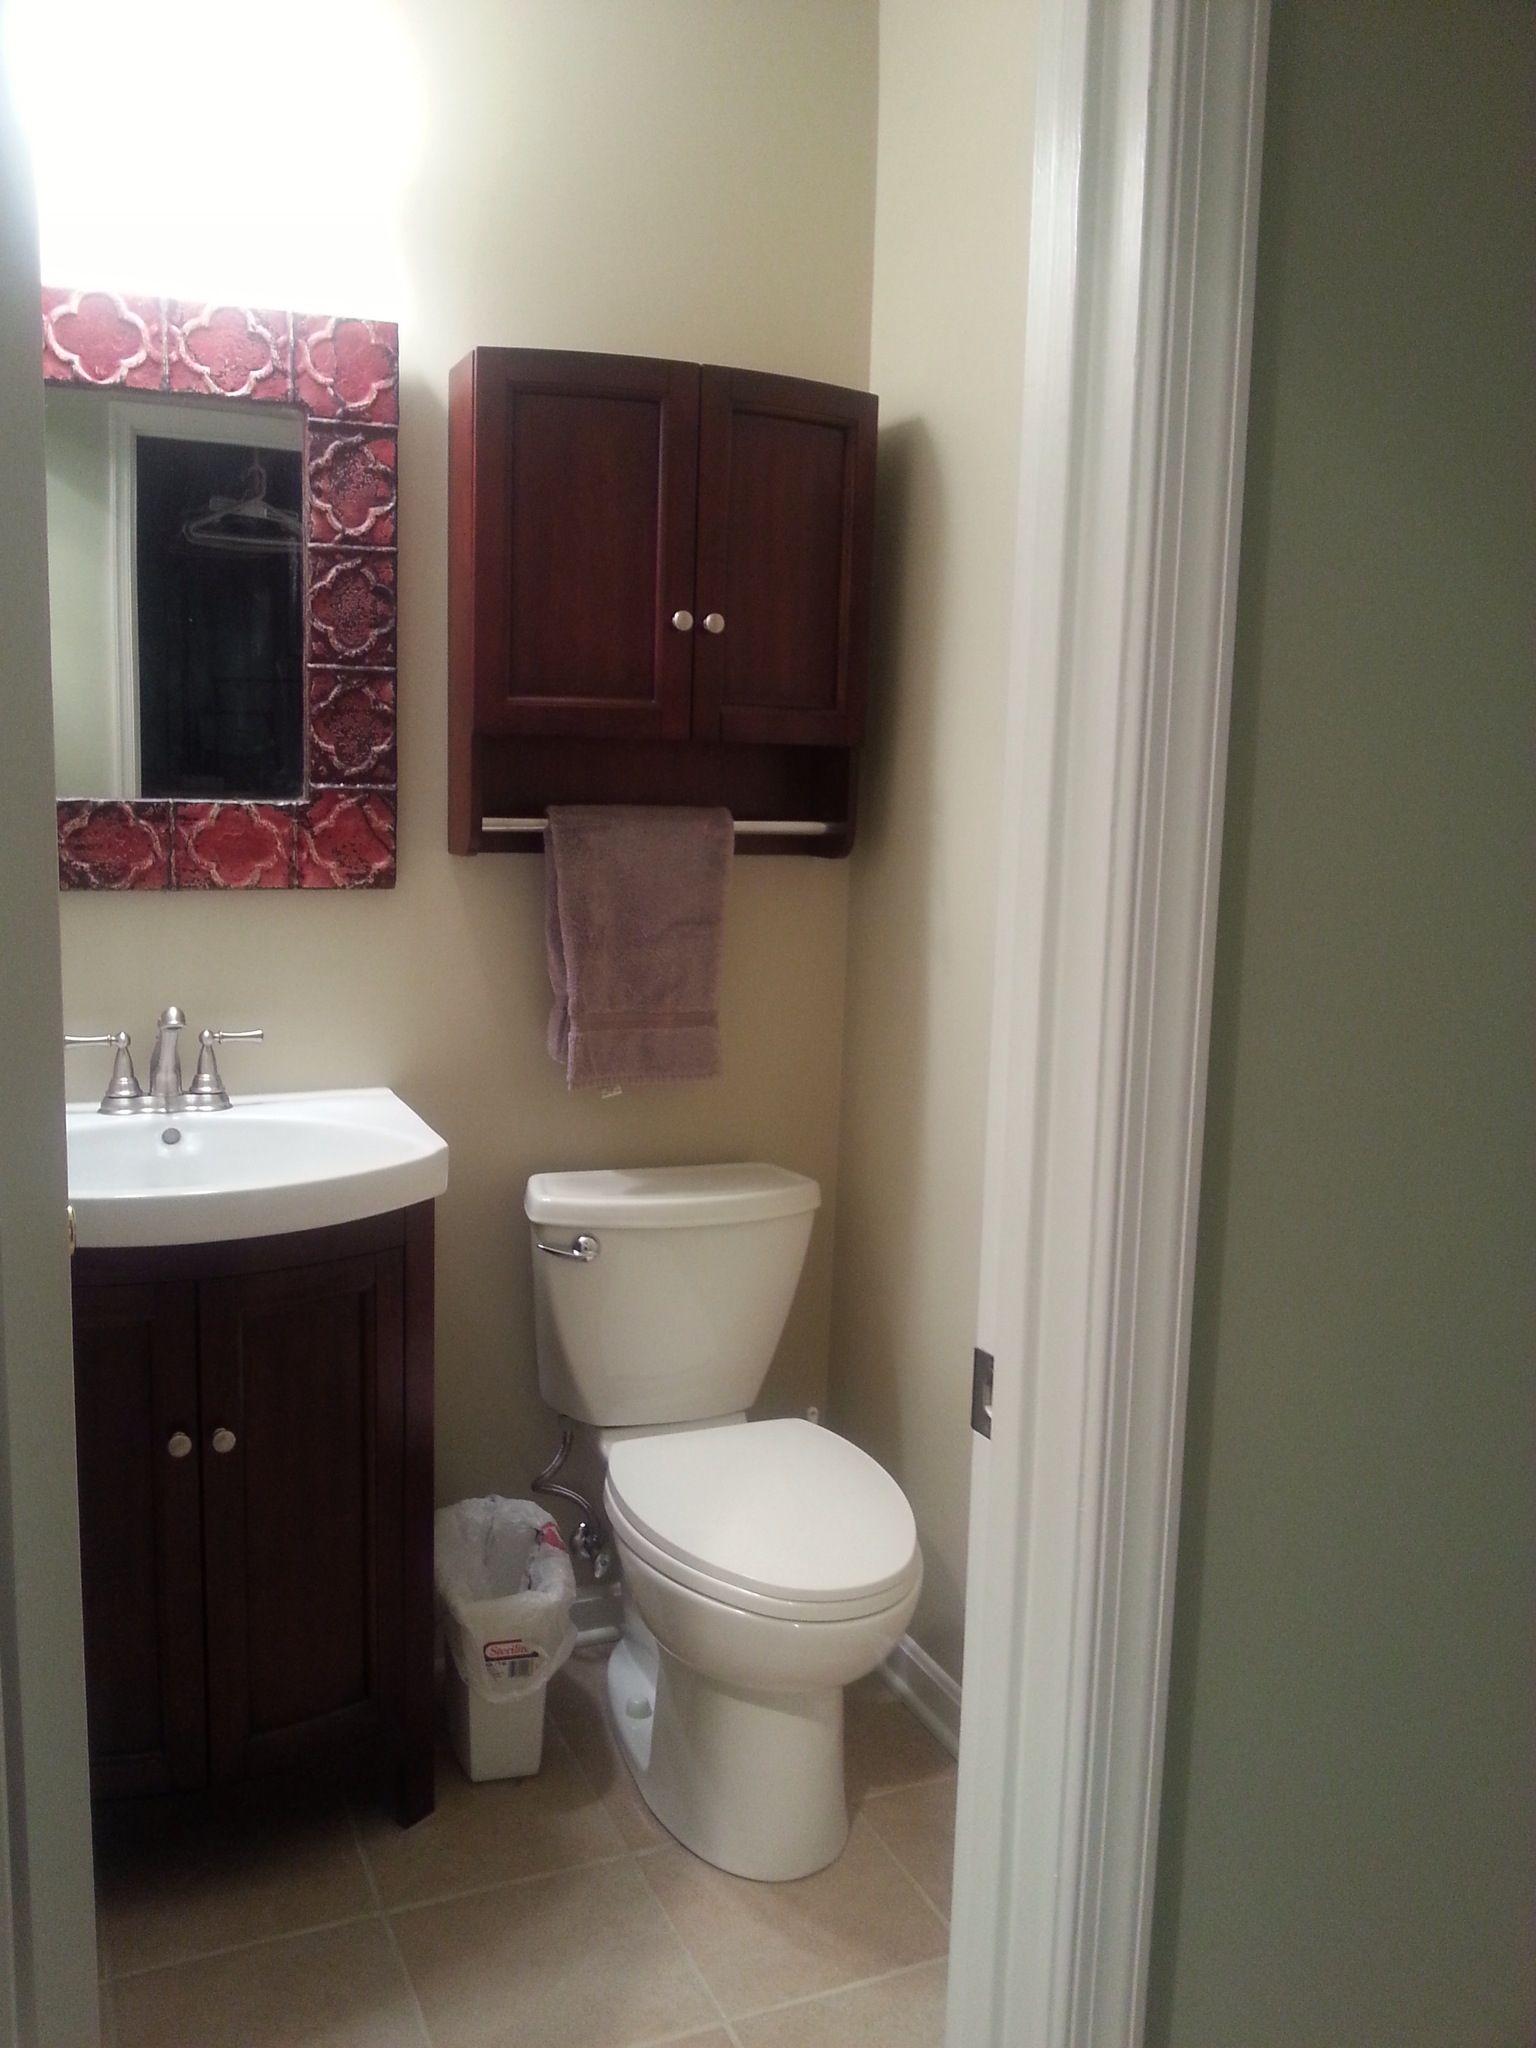 Basement Half Bathrooms Ideas: Bathroom, Hall Bathroom, Master Bathroom